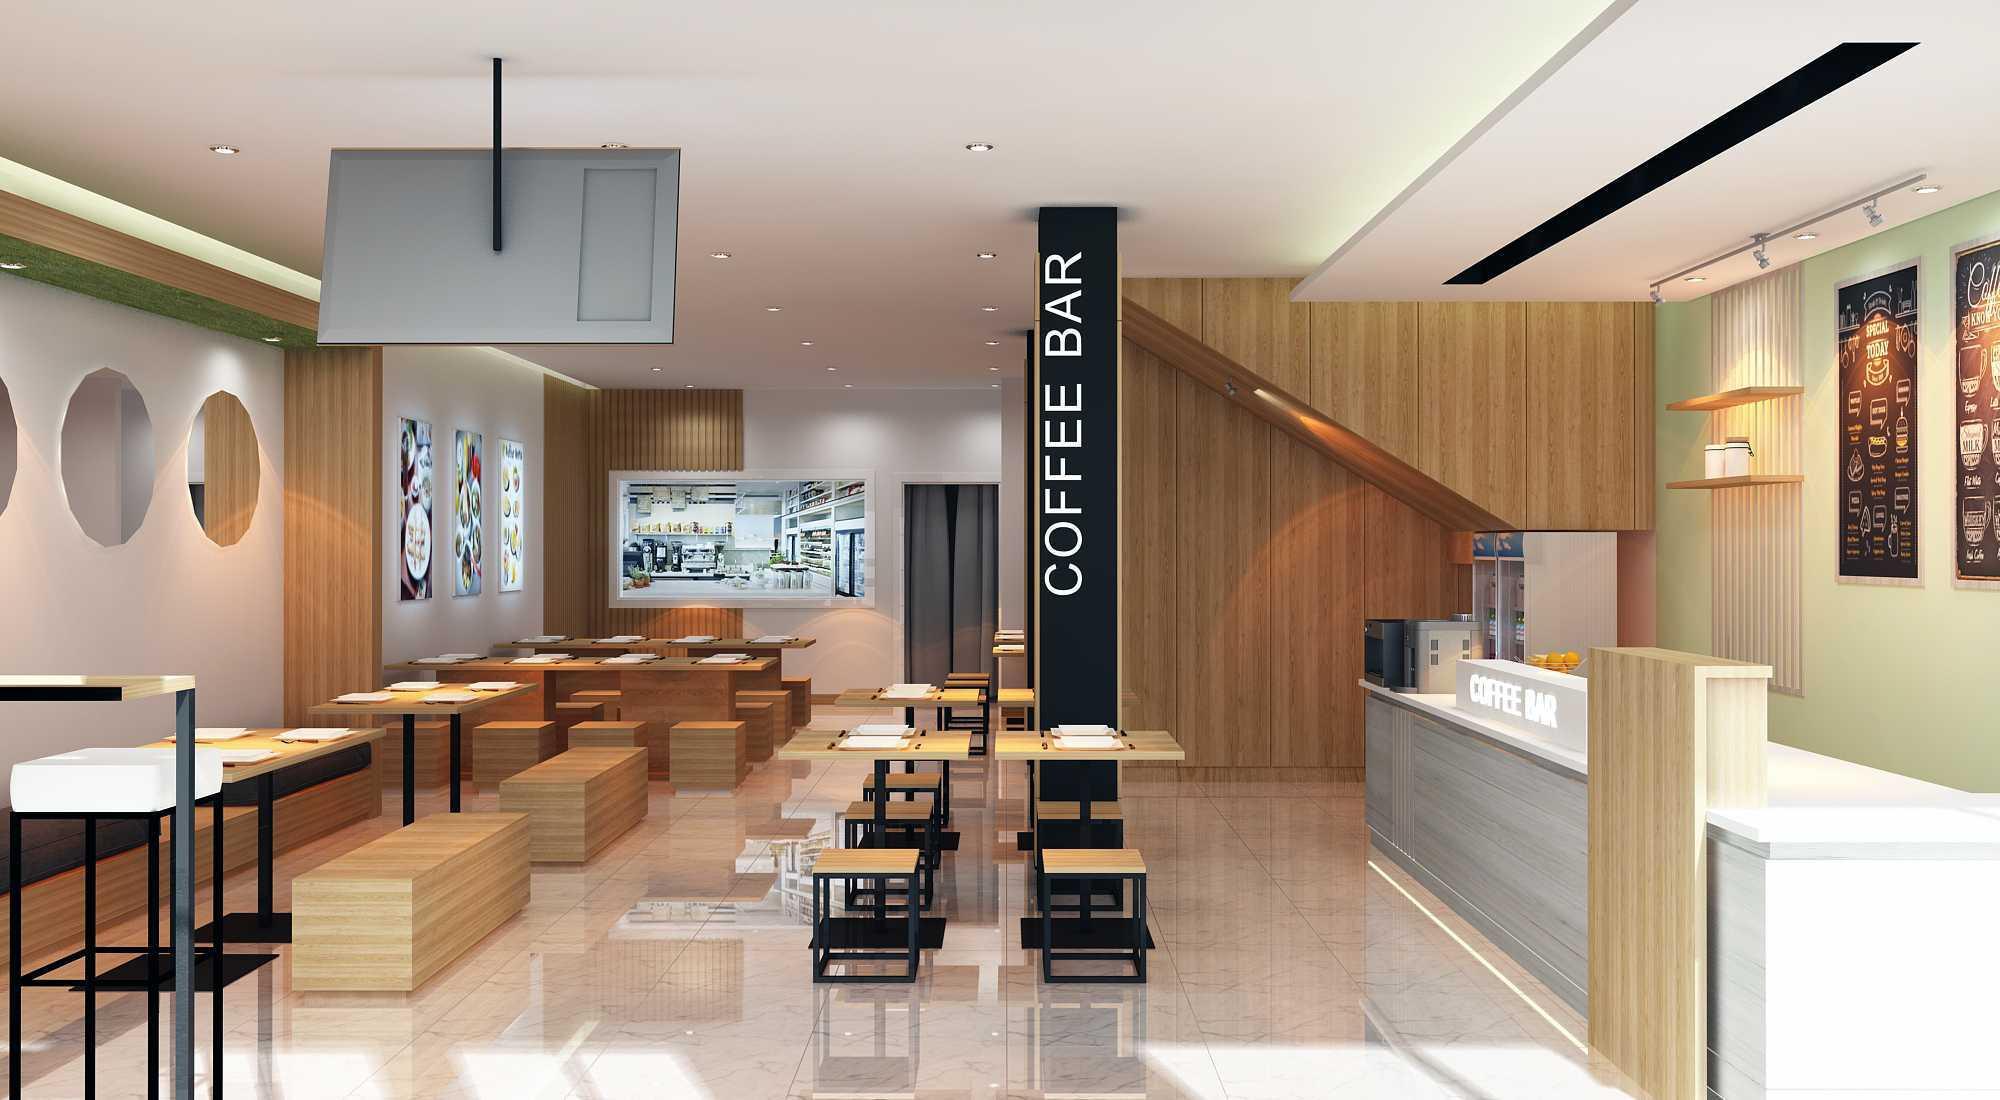 Megadesain Interior Design And Build Interior Cafe - Sukabumi Sukabumi Regency, Jawa Barat, Indonesia Sukabumi Regency, Jawa Barat, Indonesia Megadesain-Interior-Design-And-Build-Interior-Cafe-Sukabumi   129608